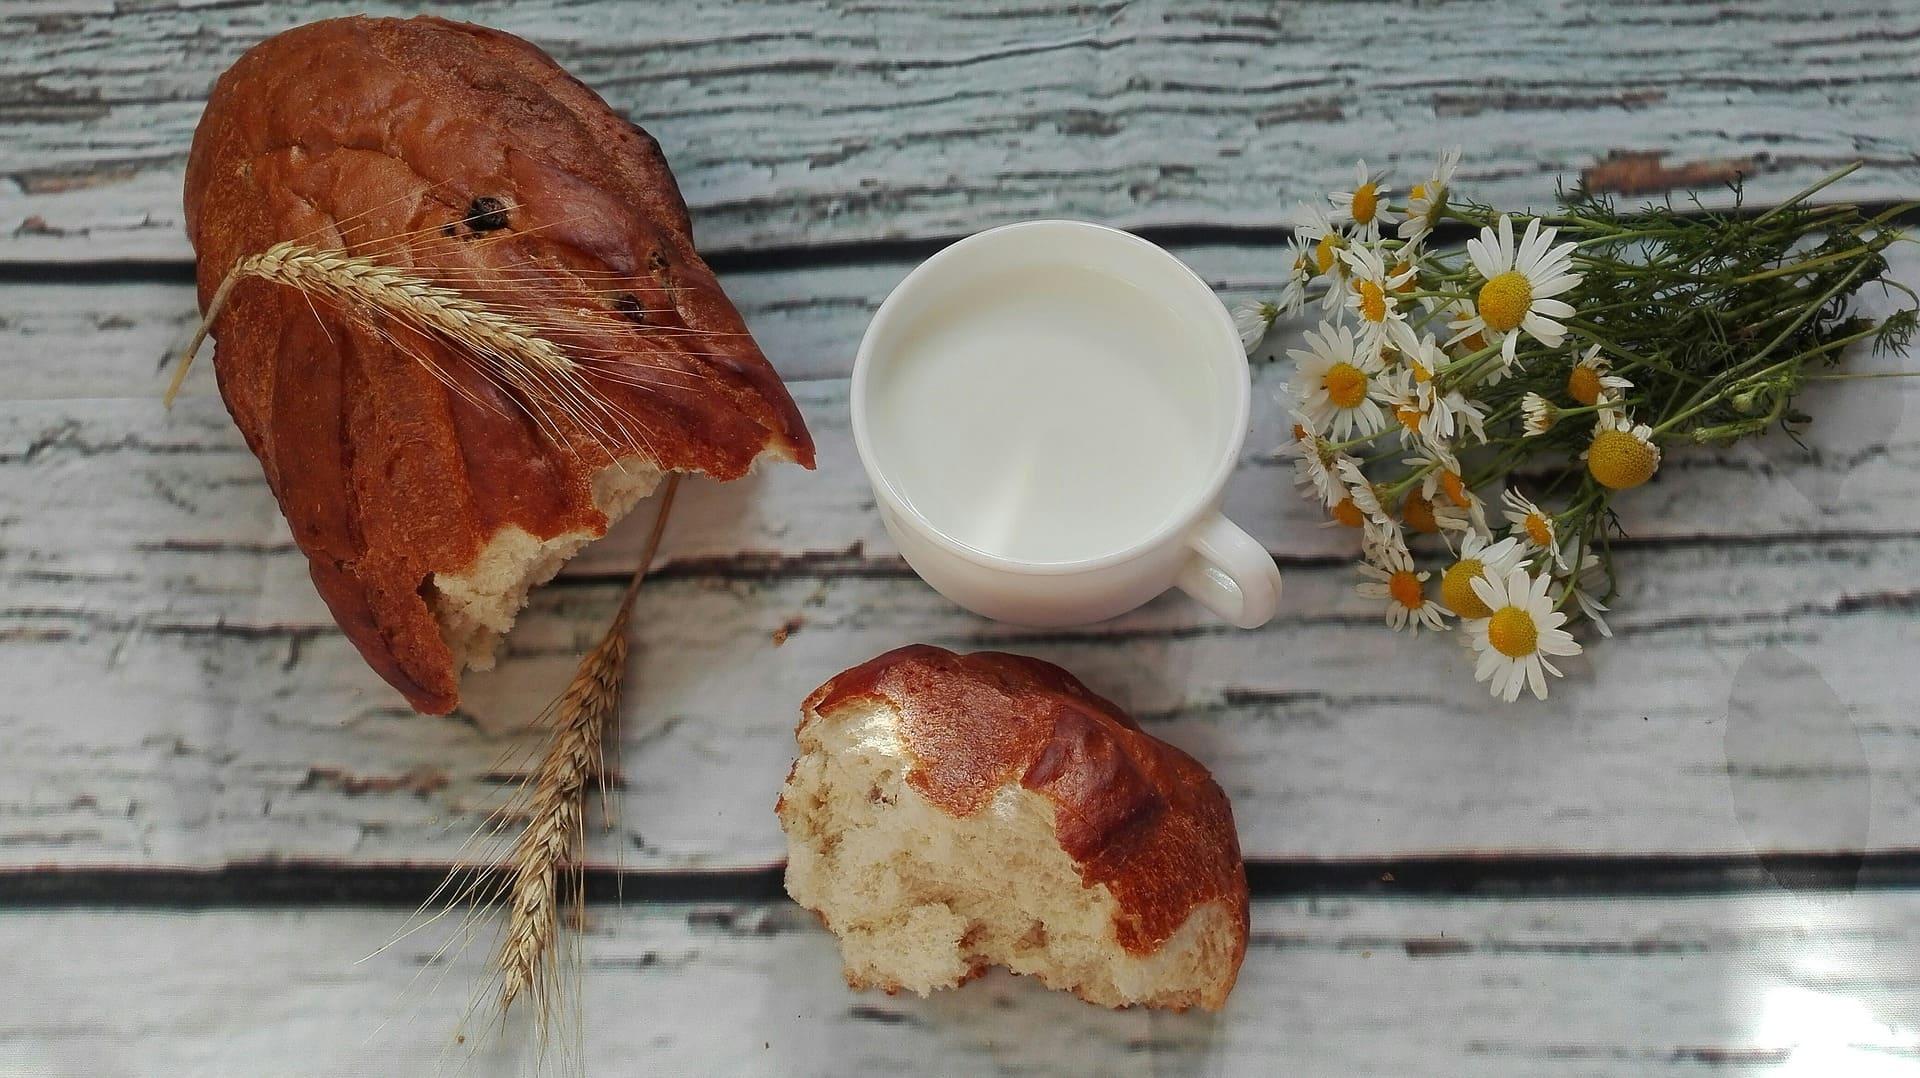 Gluten i laktoza - obalamy mity! Wywiad z dietetyk Emilią Gieradą